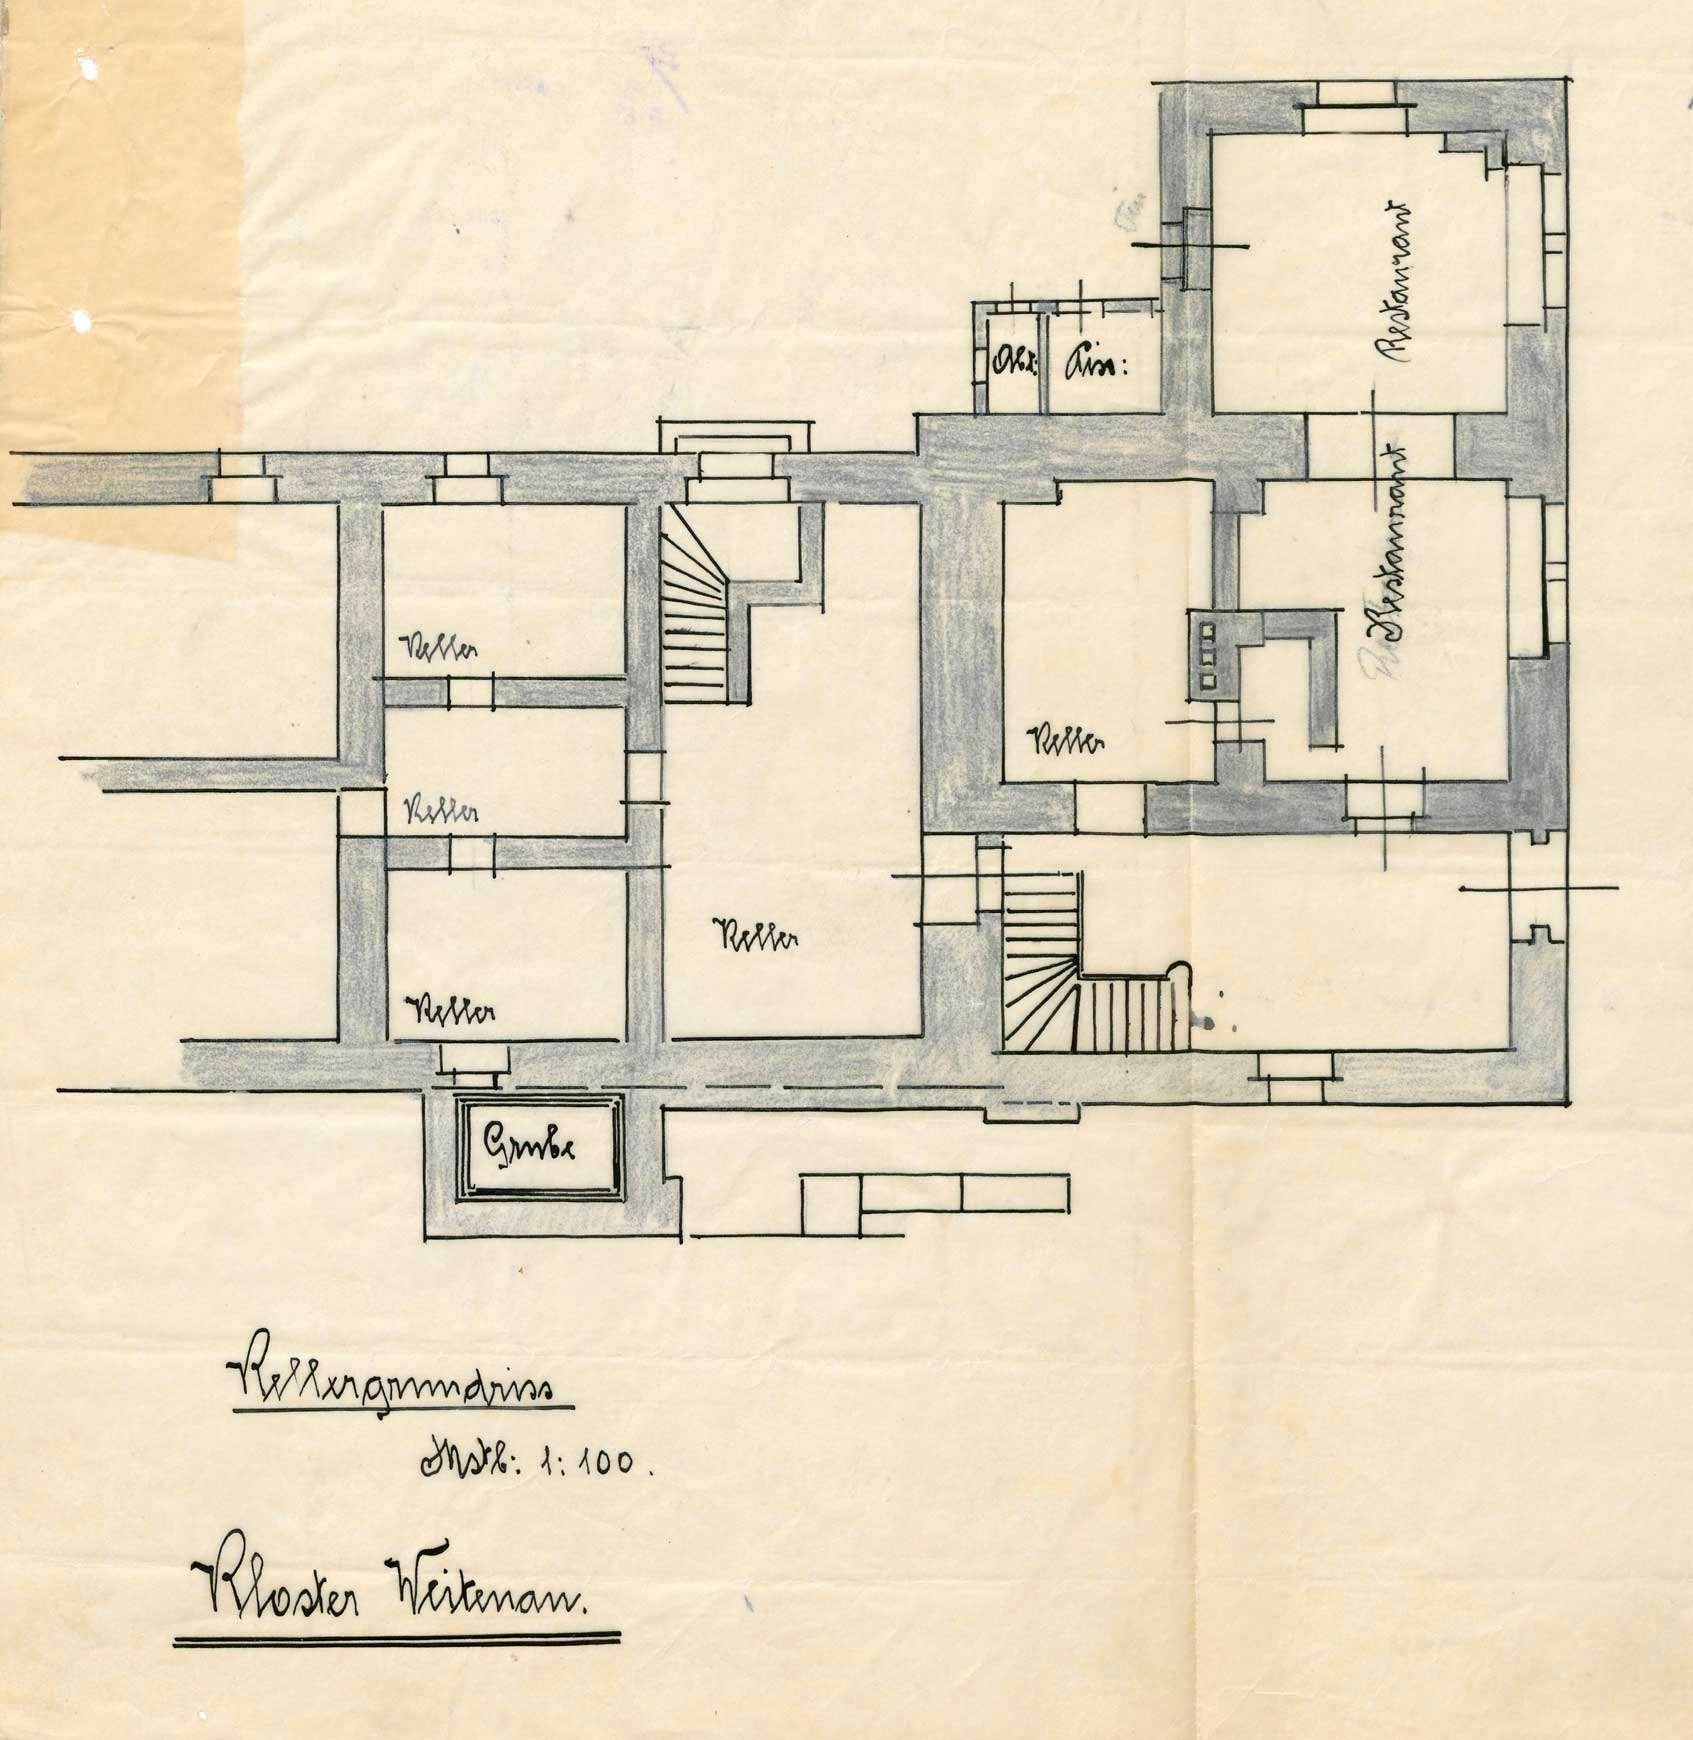 Verleihung der Wirtschaftskonzession für das Gasthaus Kloster Weitenau in Schlächtenhaus, Bild 1